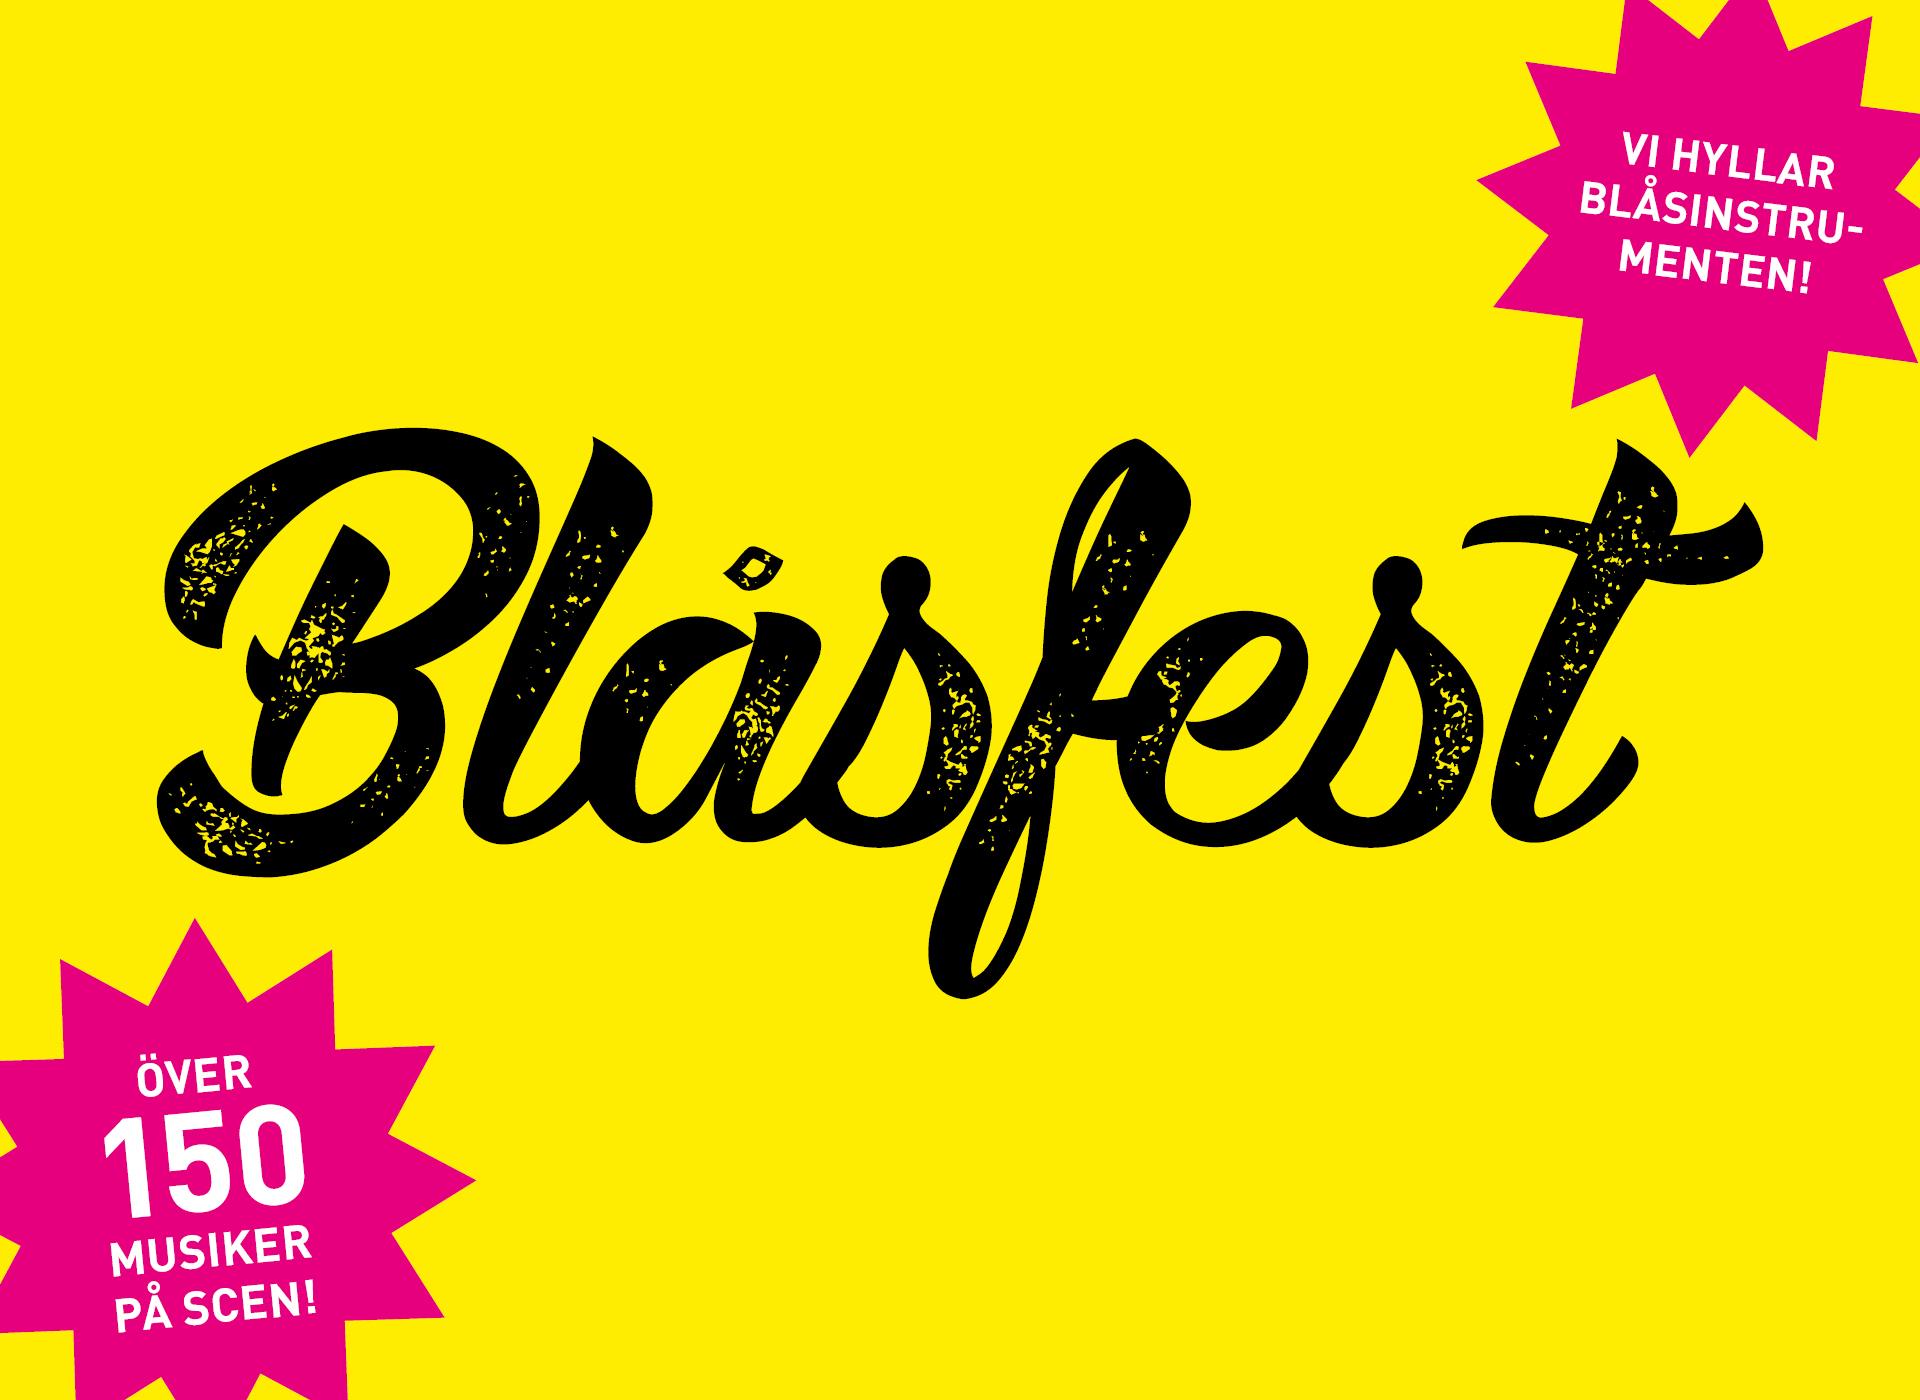 SAWebb_Norrbottensmusiken_Blåsfest2019